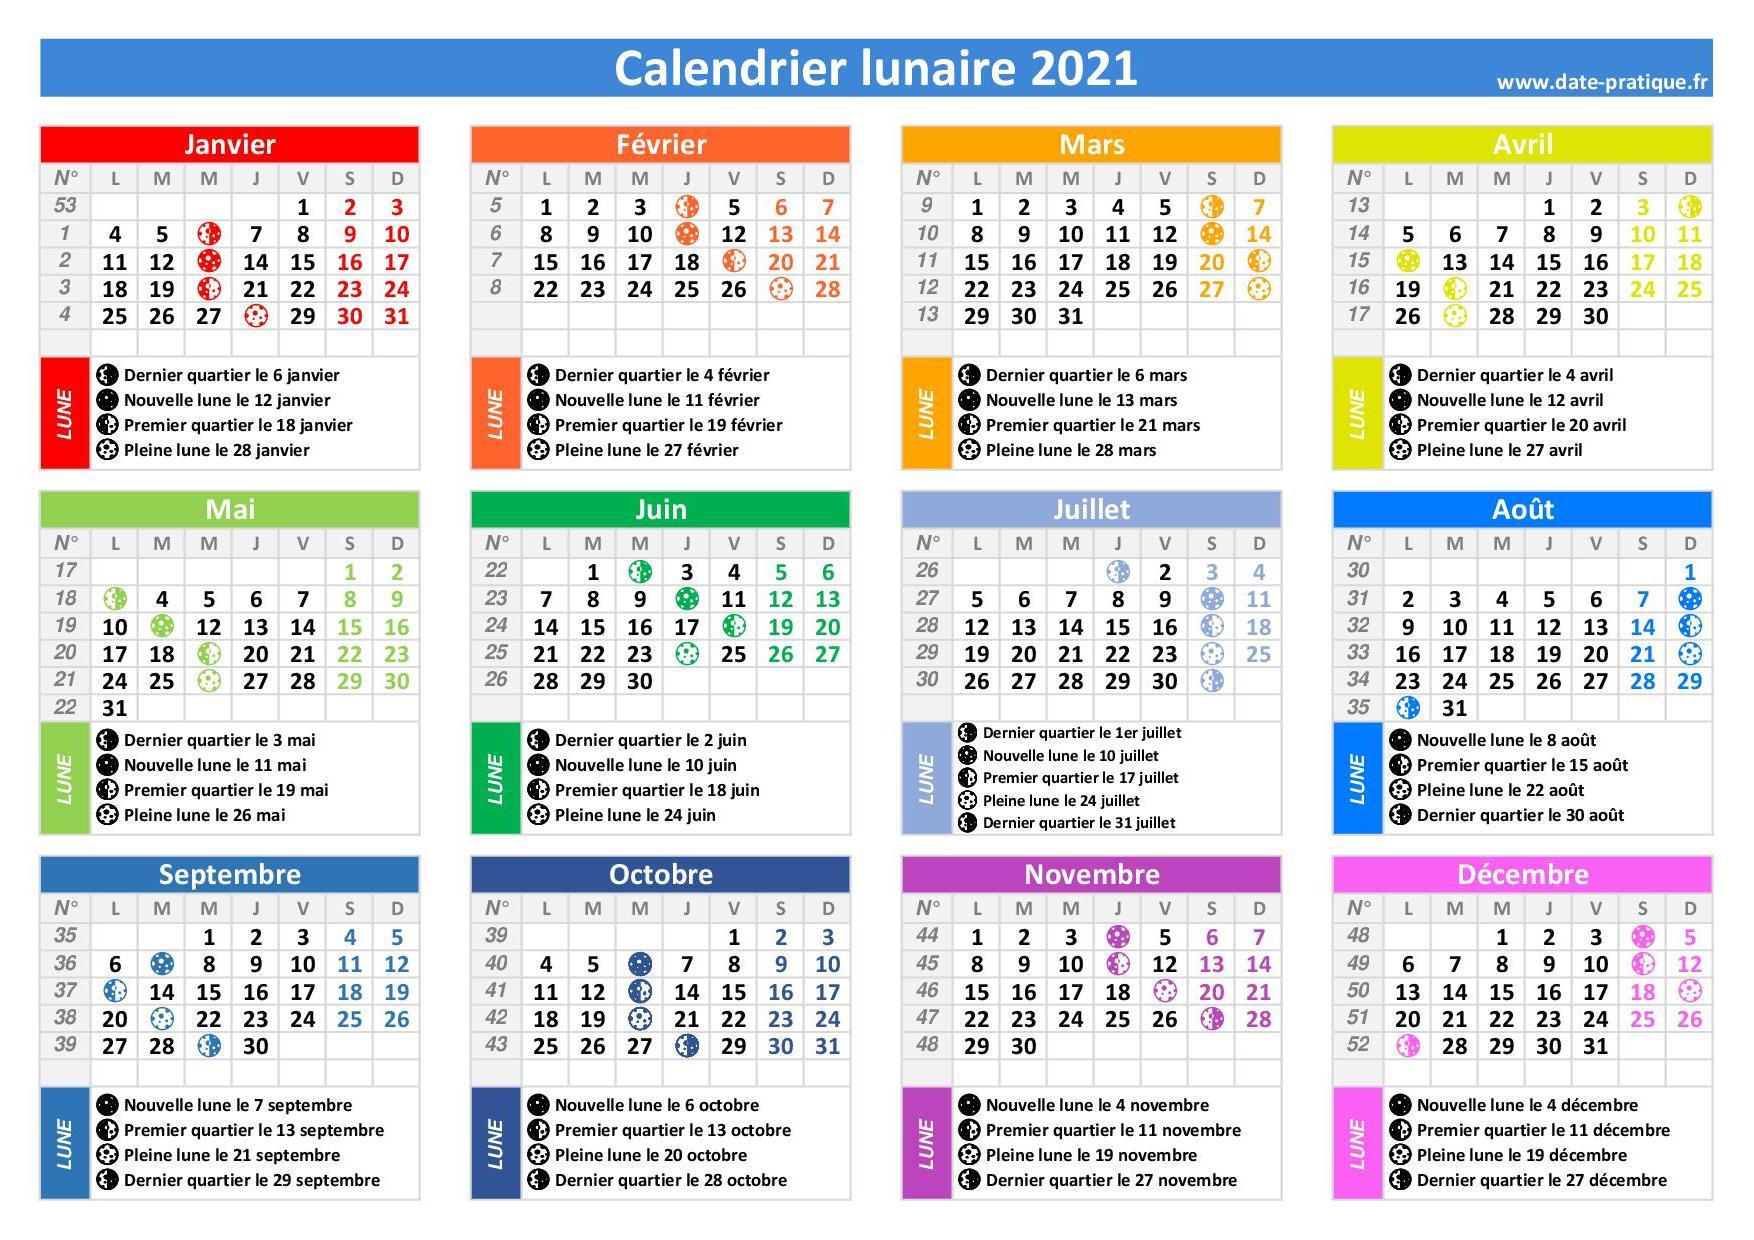 Calendrier Lunaire Davril 2022 Calendrier lunaire 🌙 2021 à consulter et imprimer